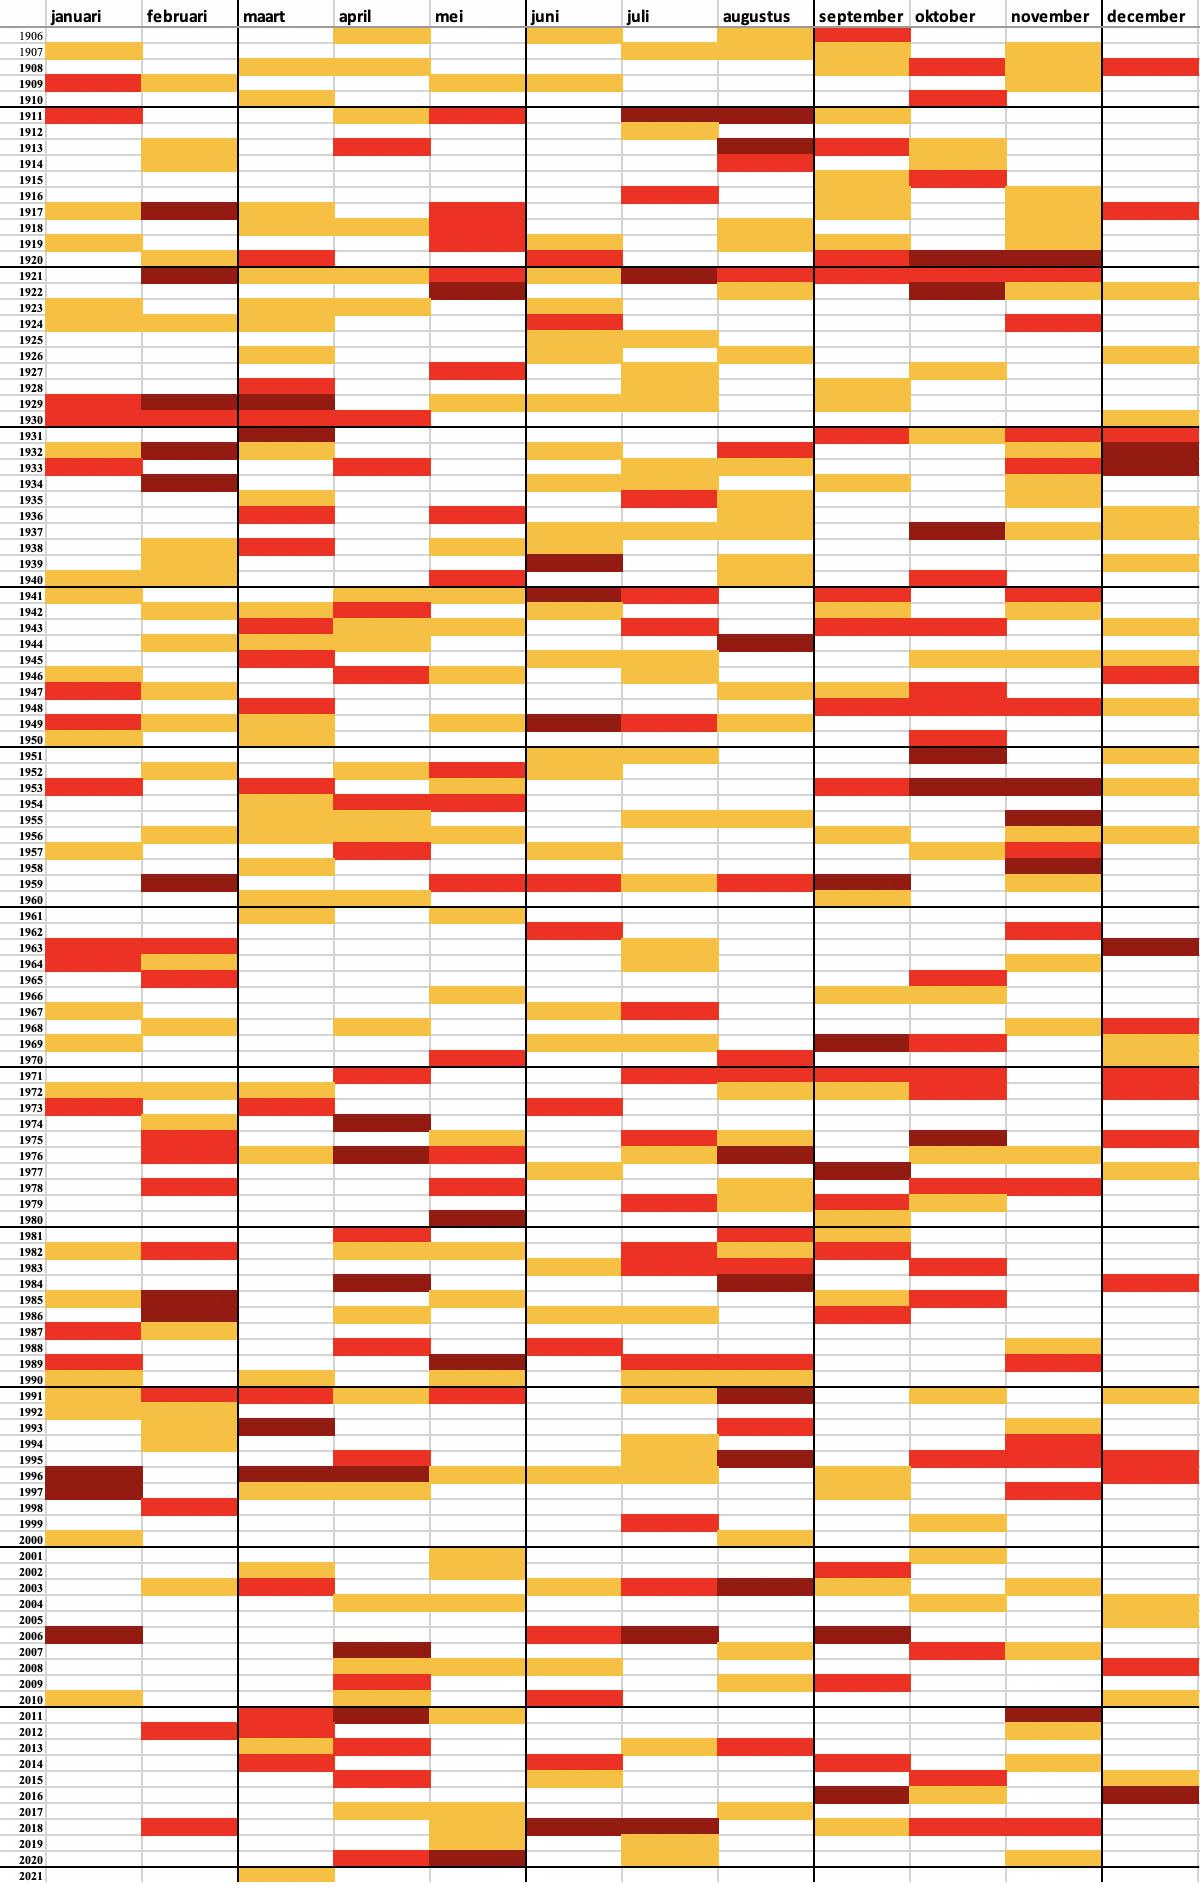 Neerslaghoeveelheden in de Bilt, waarin de maanden zijn weergegeven dat er <75% van de gemiddelde hoeveelheid neerslag viel (in oranje), er <50% viel (rood) en <25% viel (donkerrood)